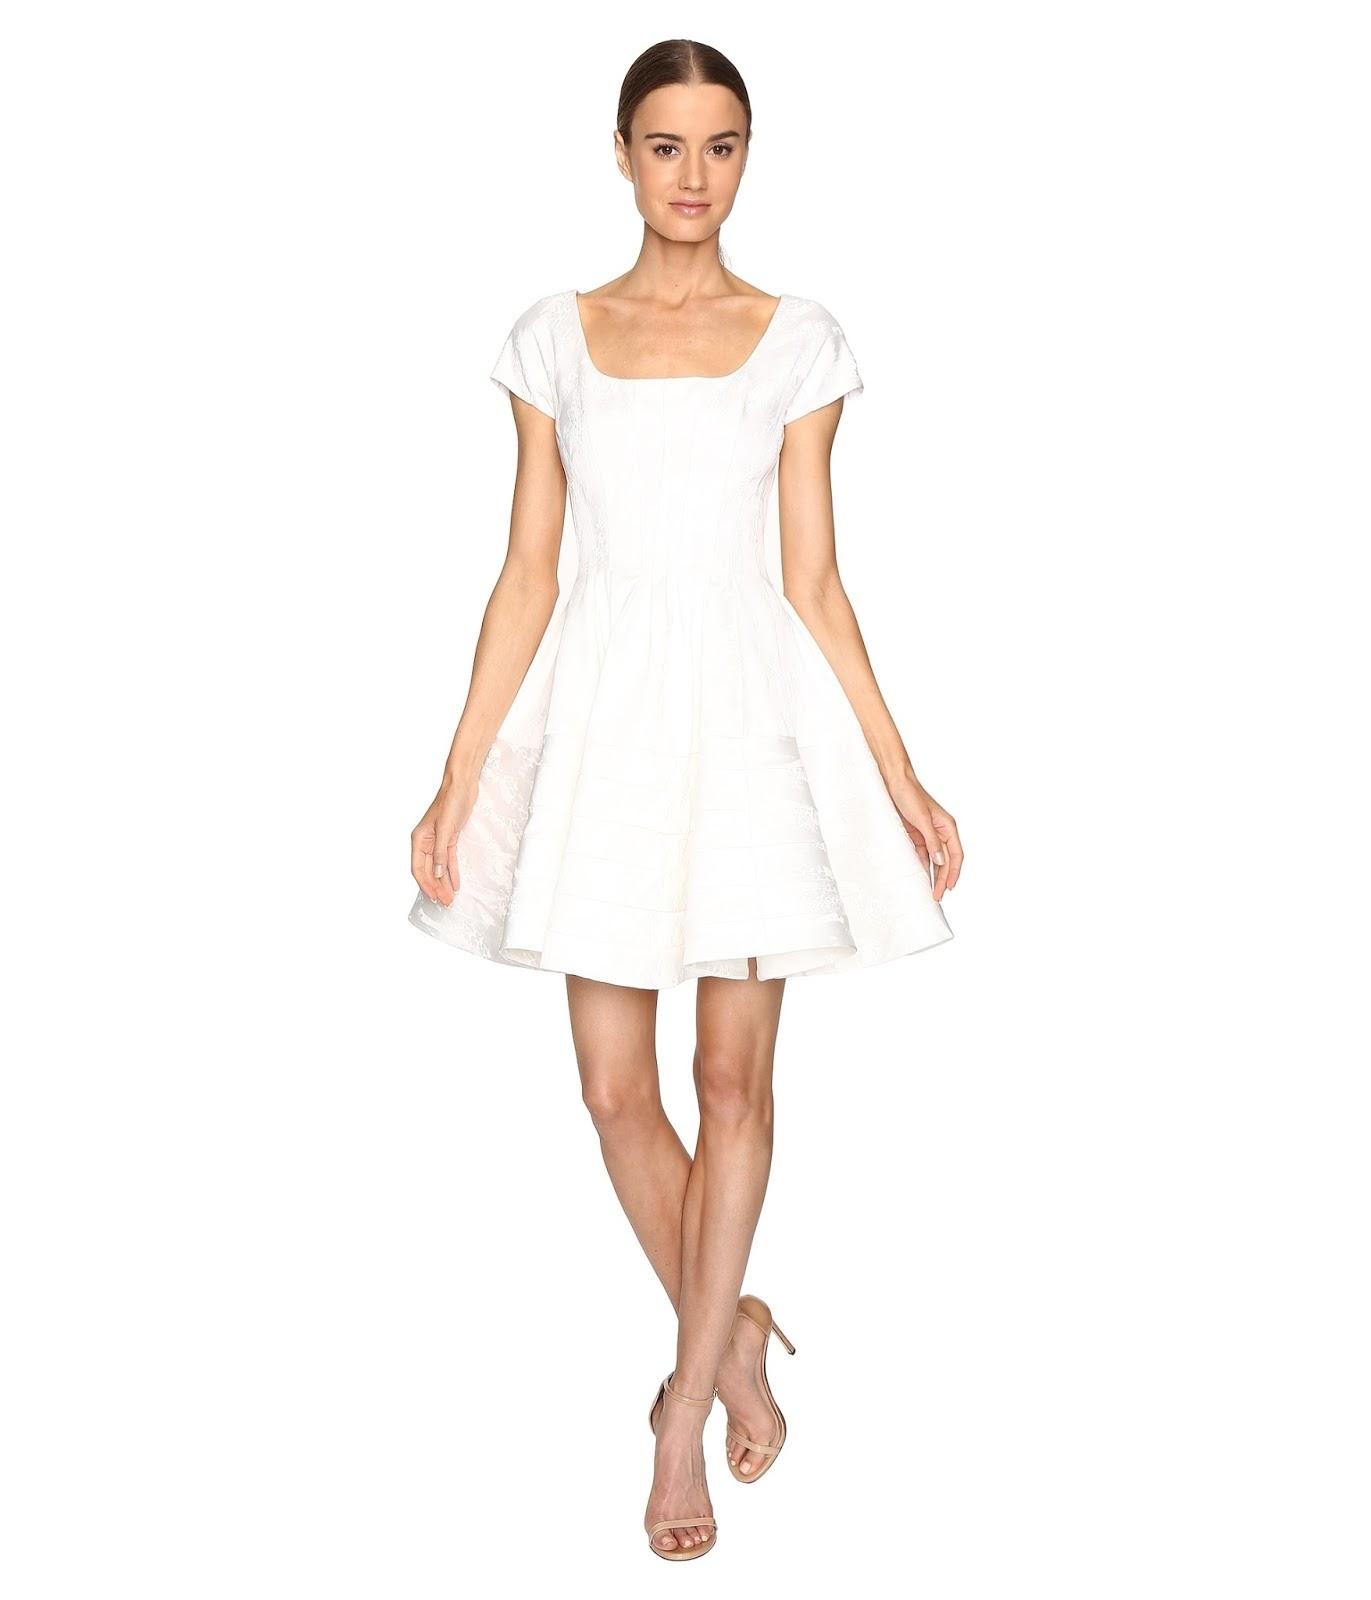 Abend Großartig Kurze Kleider Weiß Bester Preis15 Schön Kurze Kleider Weiß Stylish